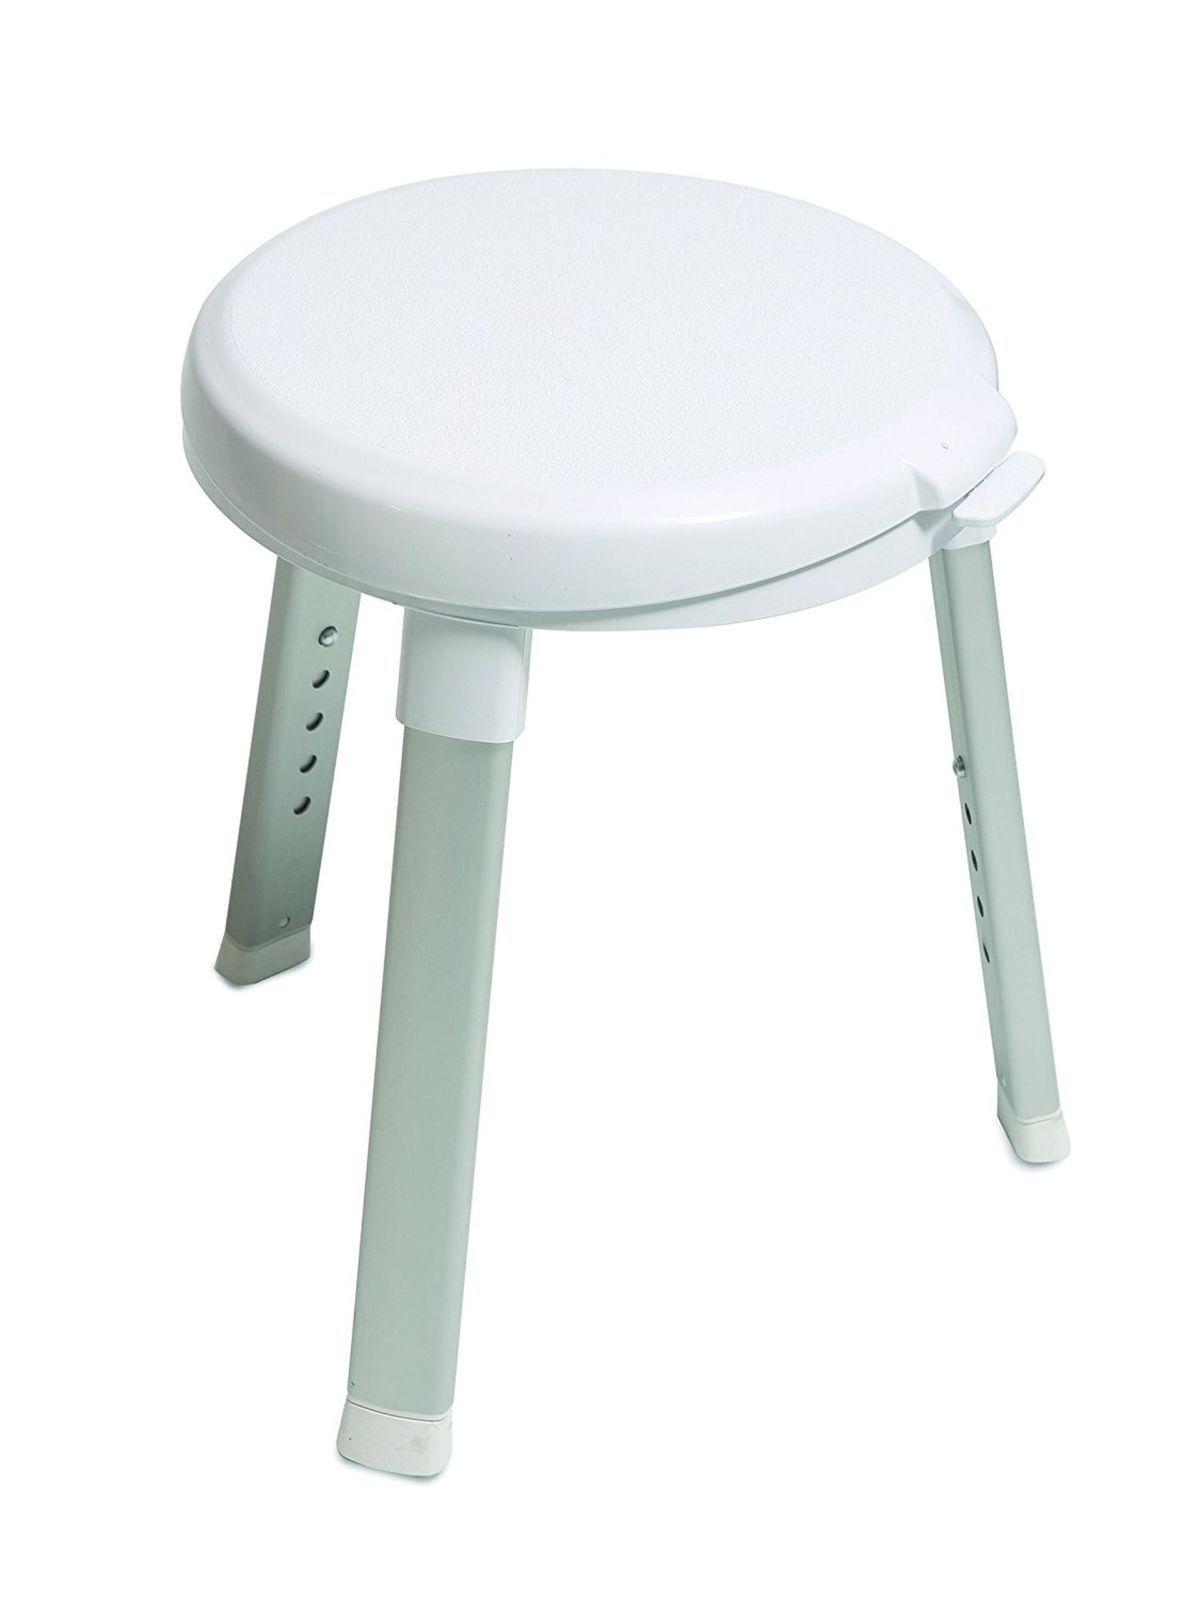 Weinberger  Drehbarer Dusch- und Badhocker Dusch Sitz Stuhl